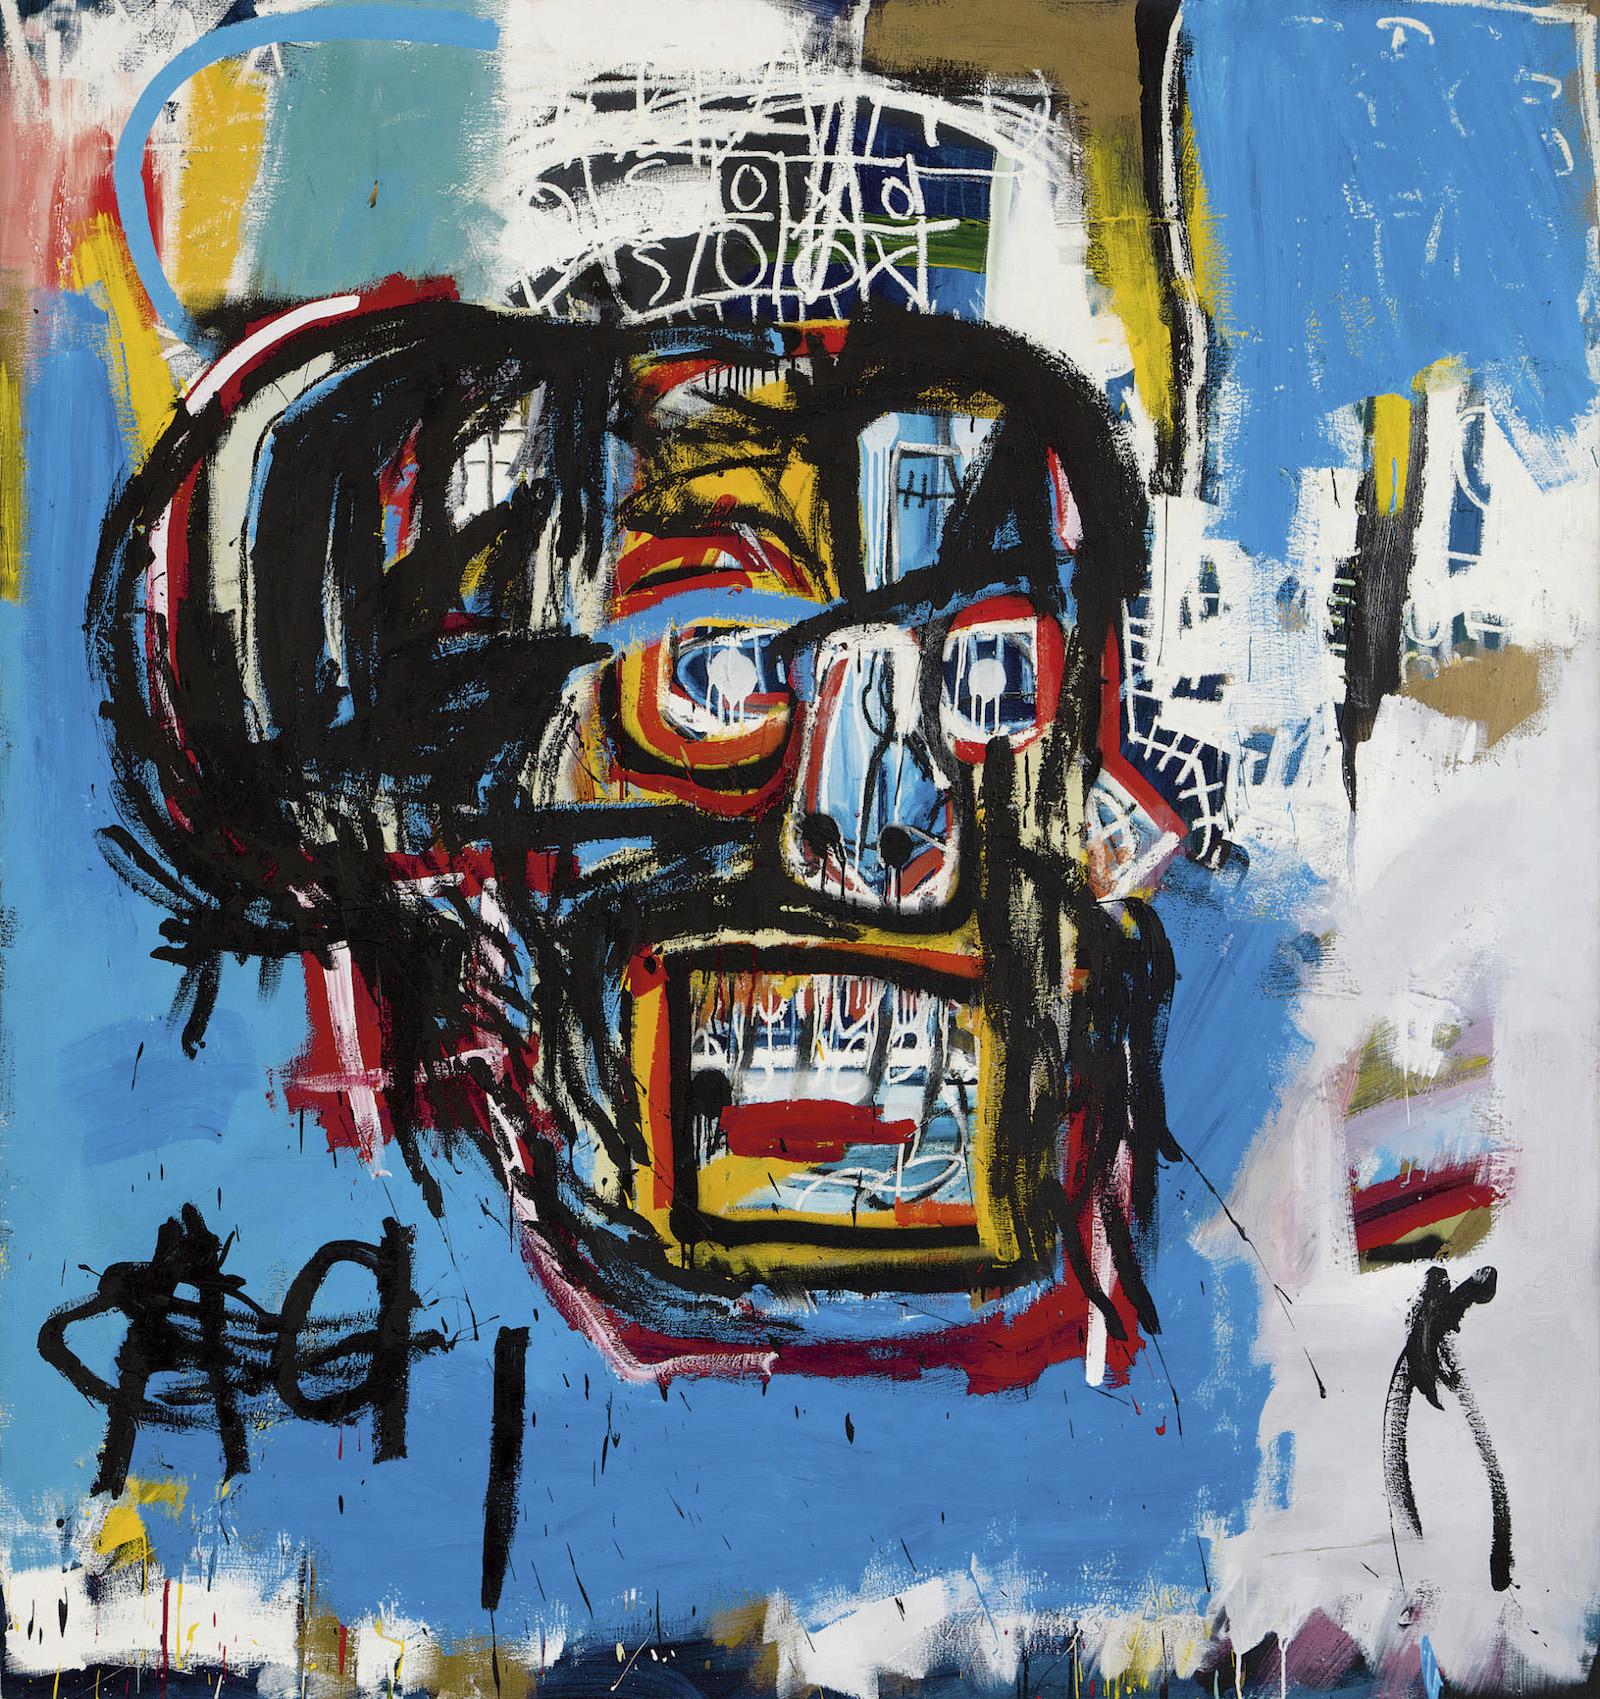 Basquiat Untitled (1982)